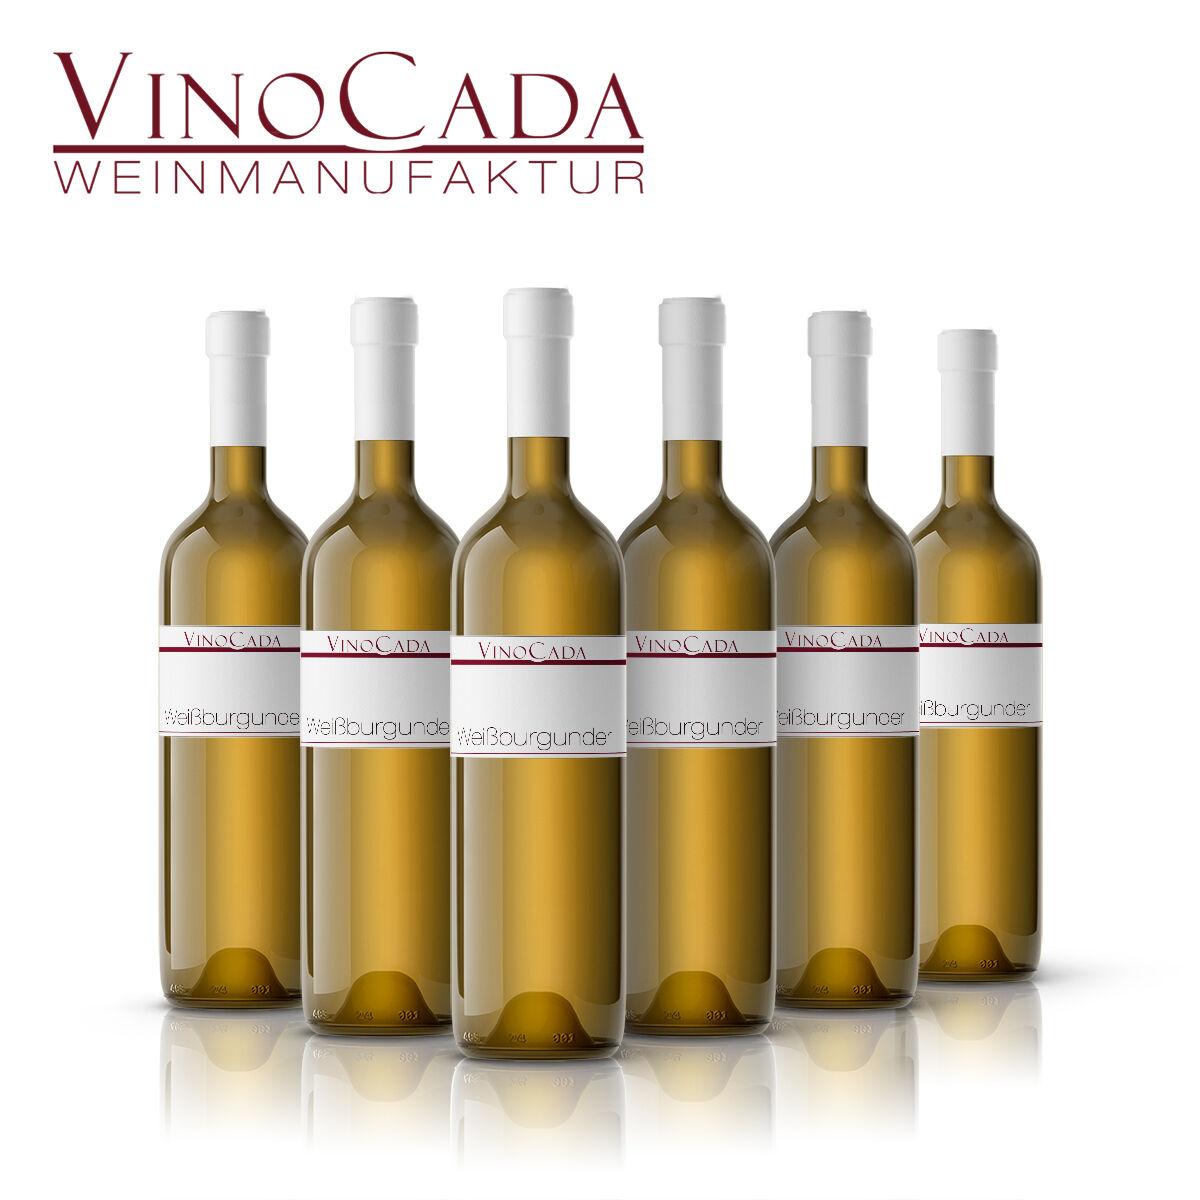 Weinpaket Weißburgunder Spätlese weiß 36 Fl. 0,75L trocken **silber* VinoCada